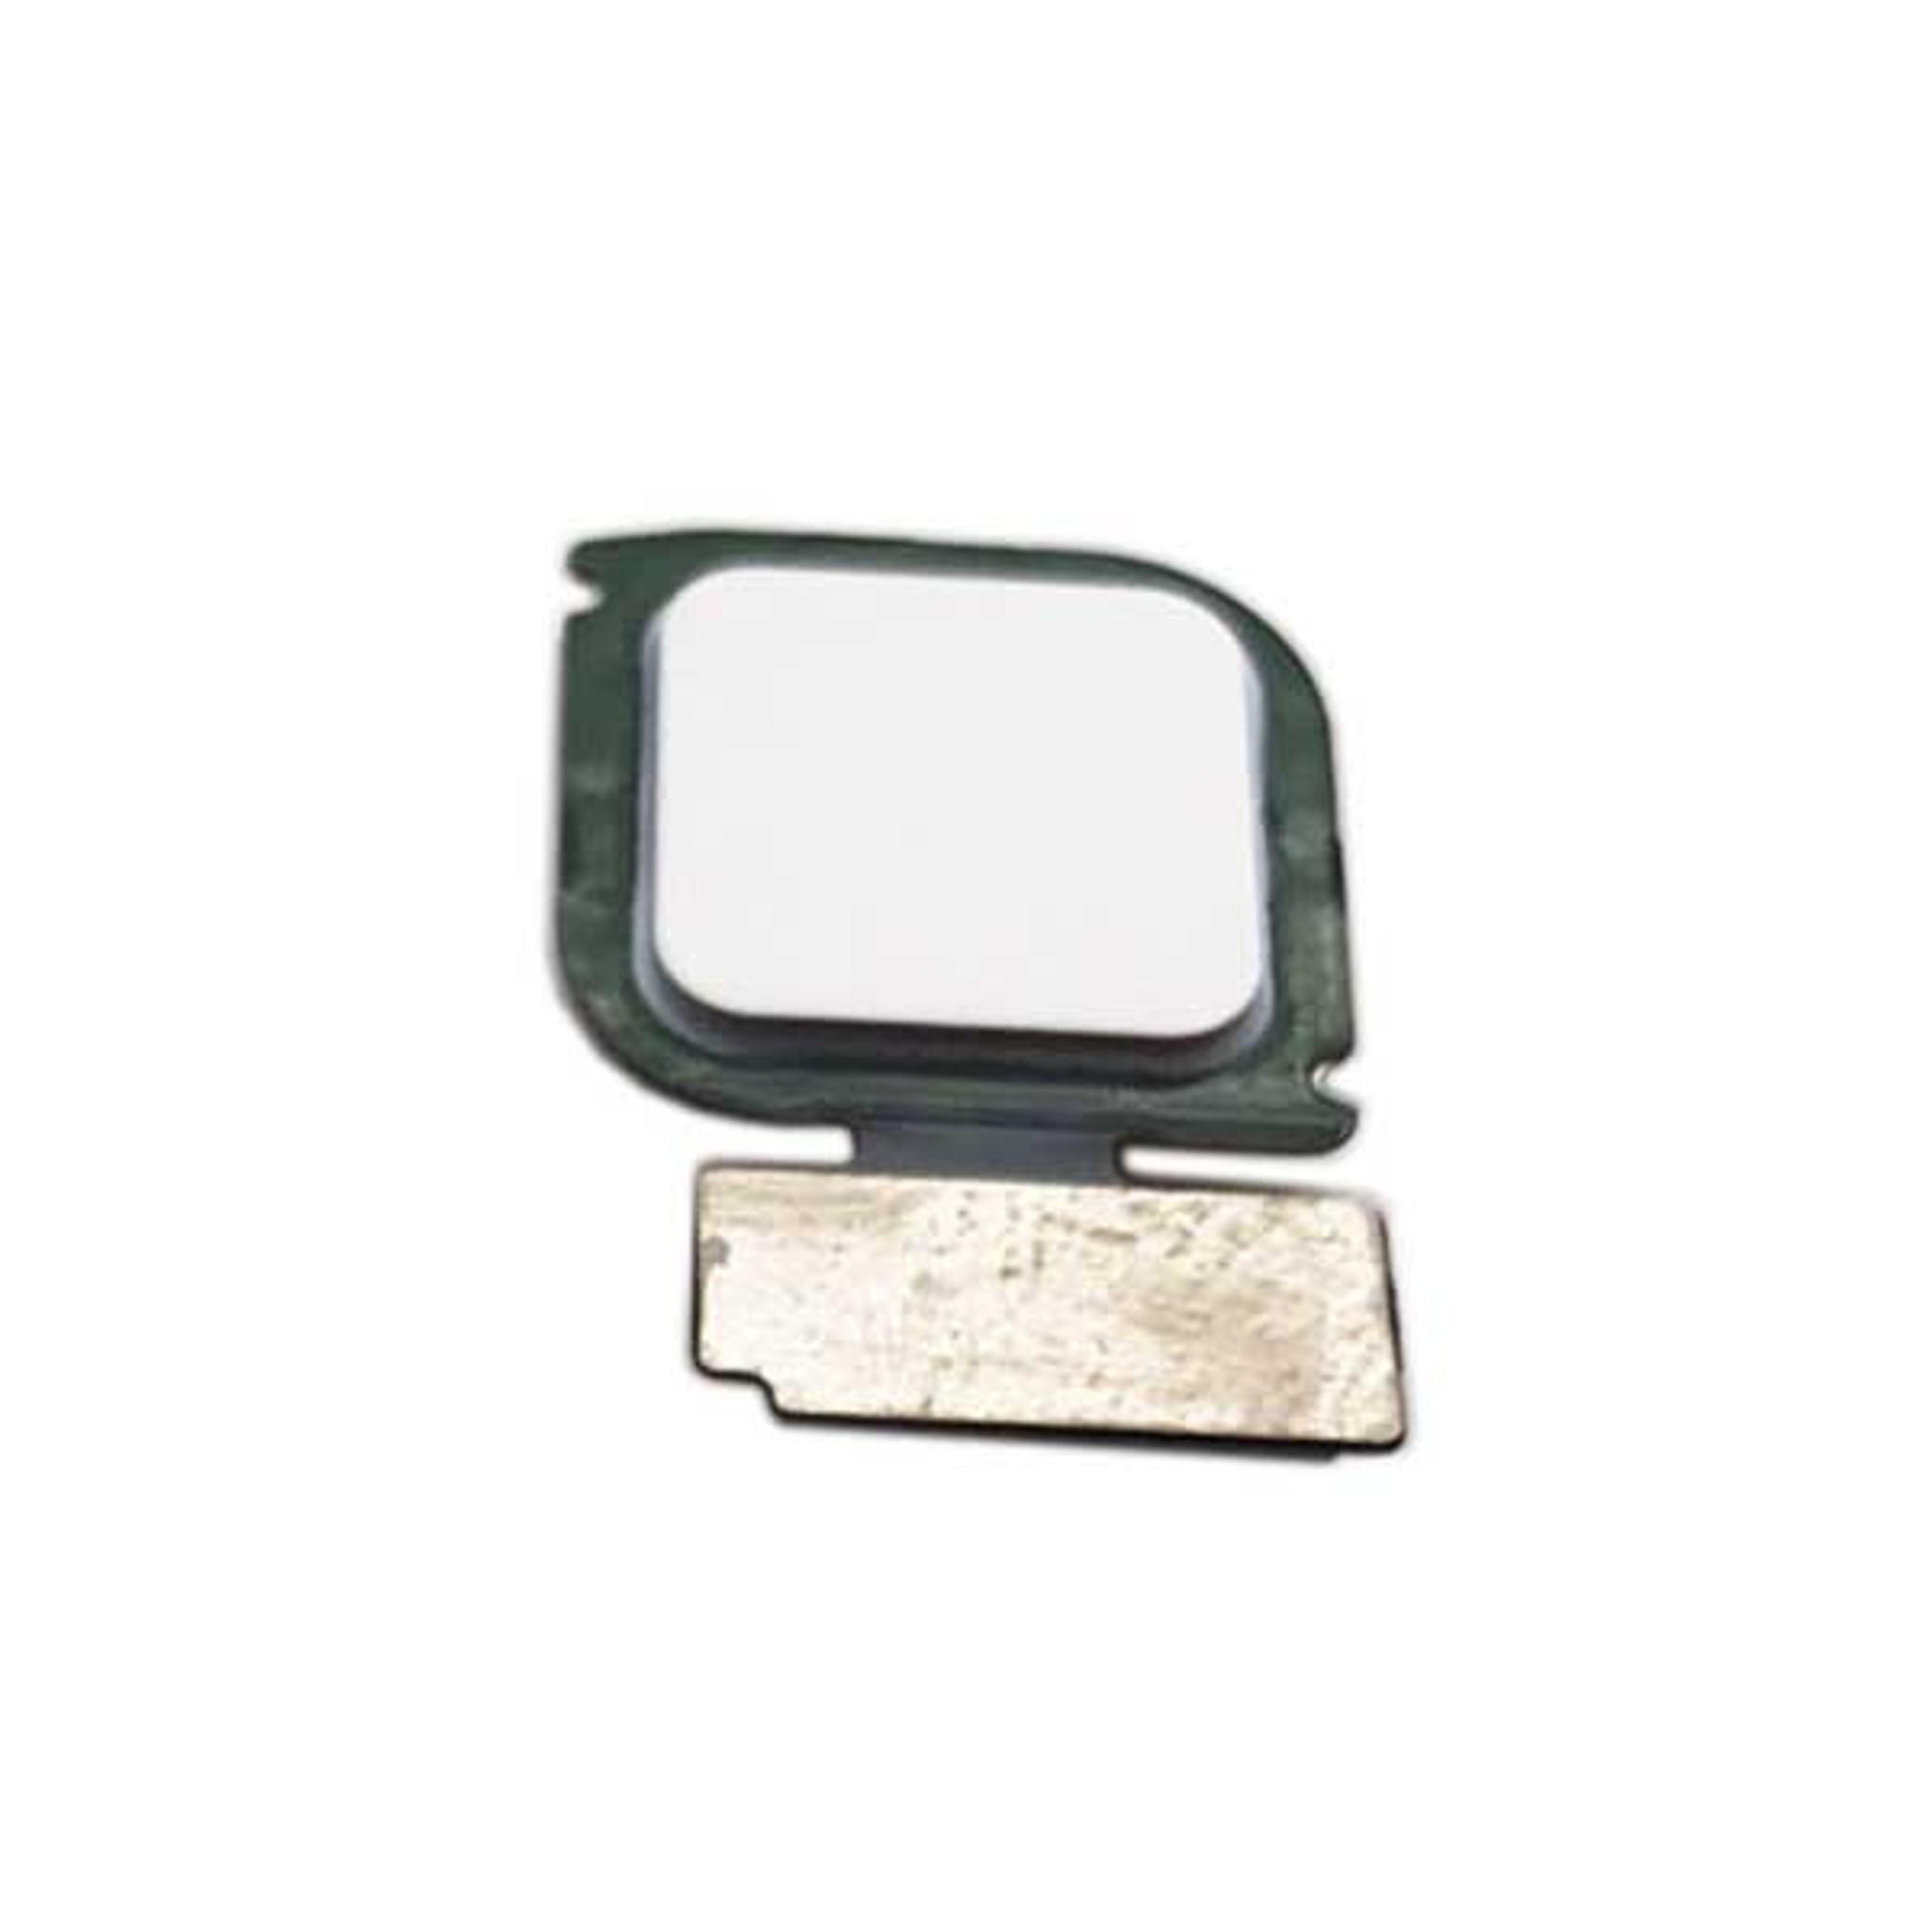 Fingerprint Sensor Flex Cable For Huawei P10 Lite White